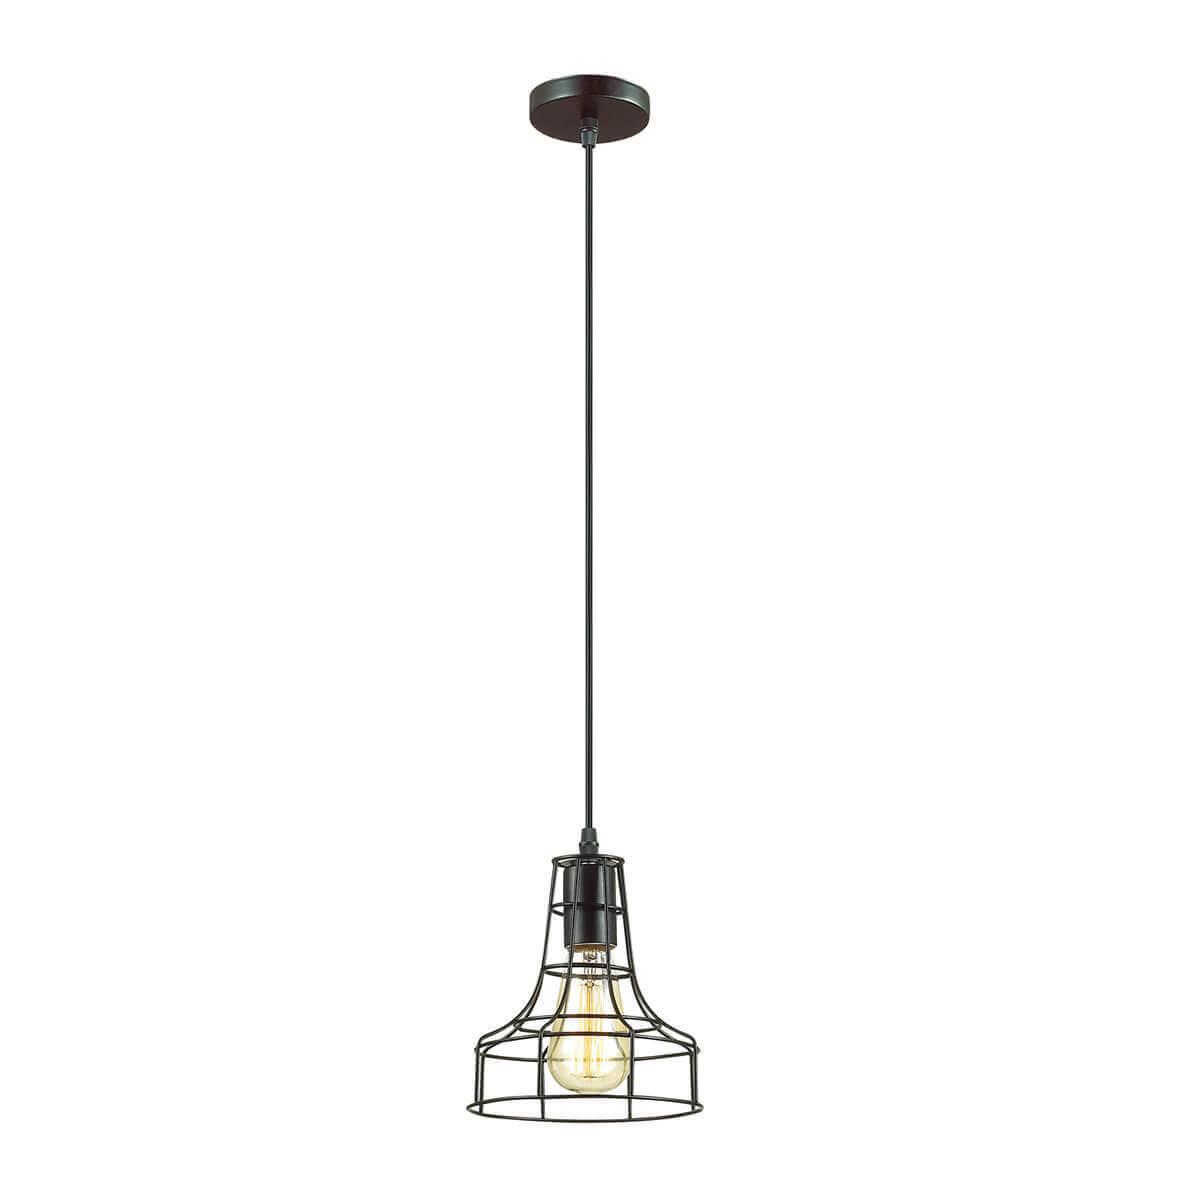 Подвесной светильник Lumion Alfred 3639/1 подвесной светильник lumion 3731 1 e27 60 вт